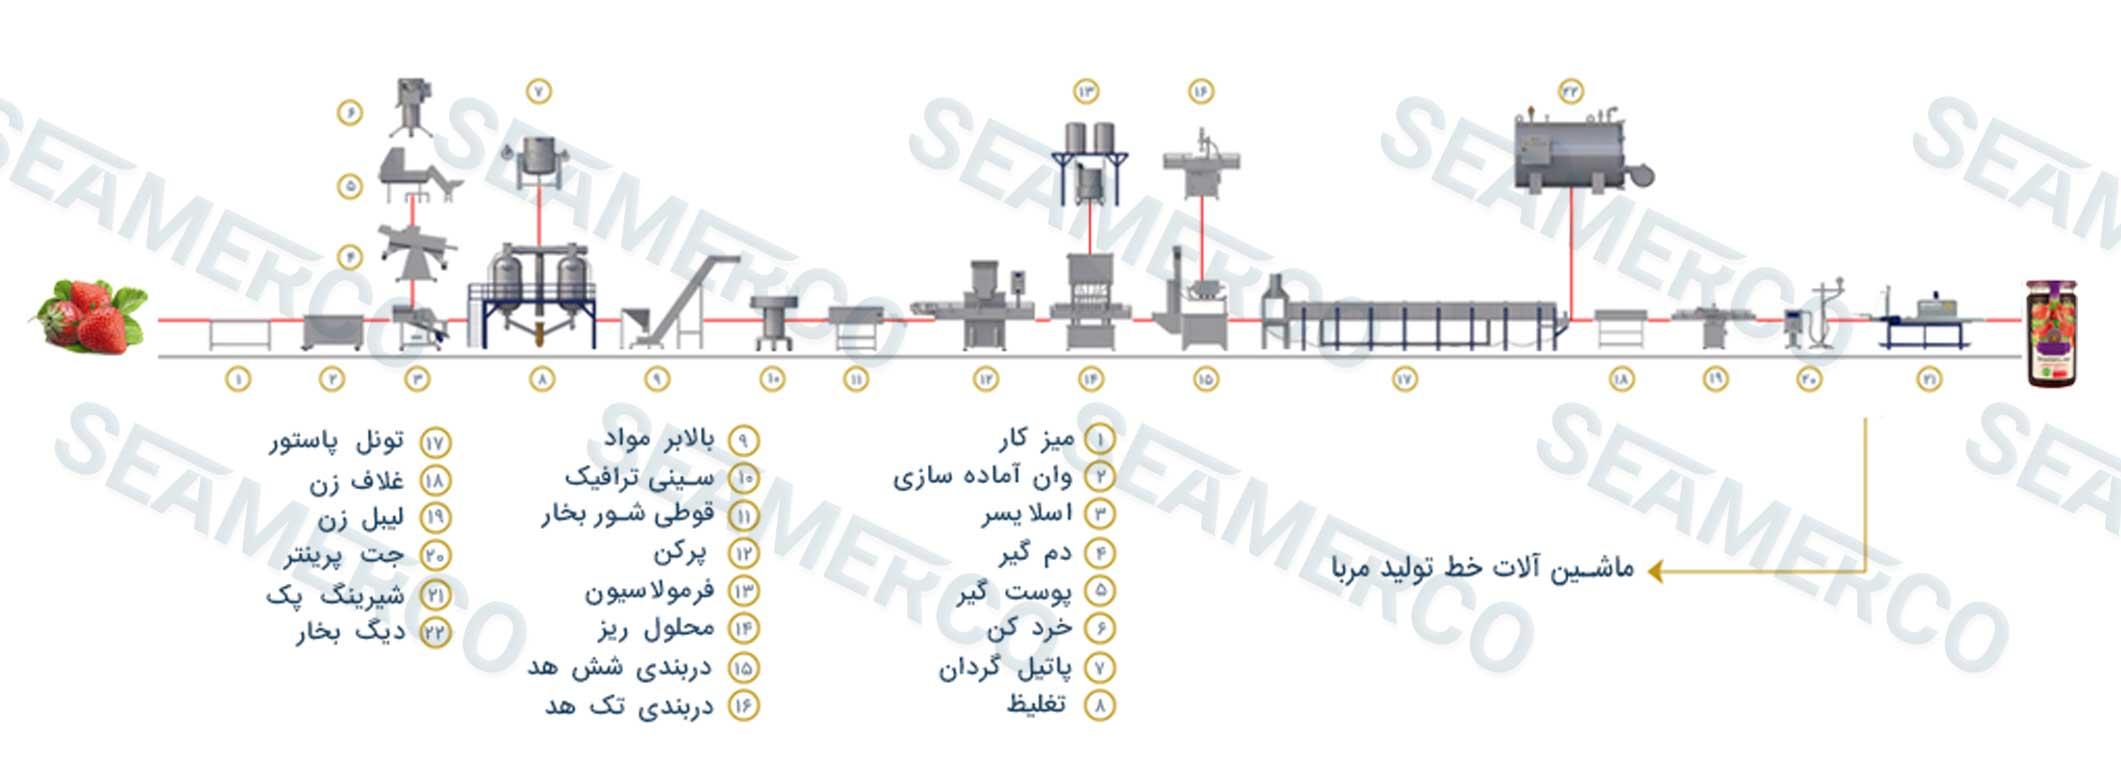 جانمایی ماشینآلات (لیوت)خط تولید مربای آلبالو